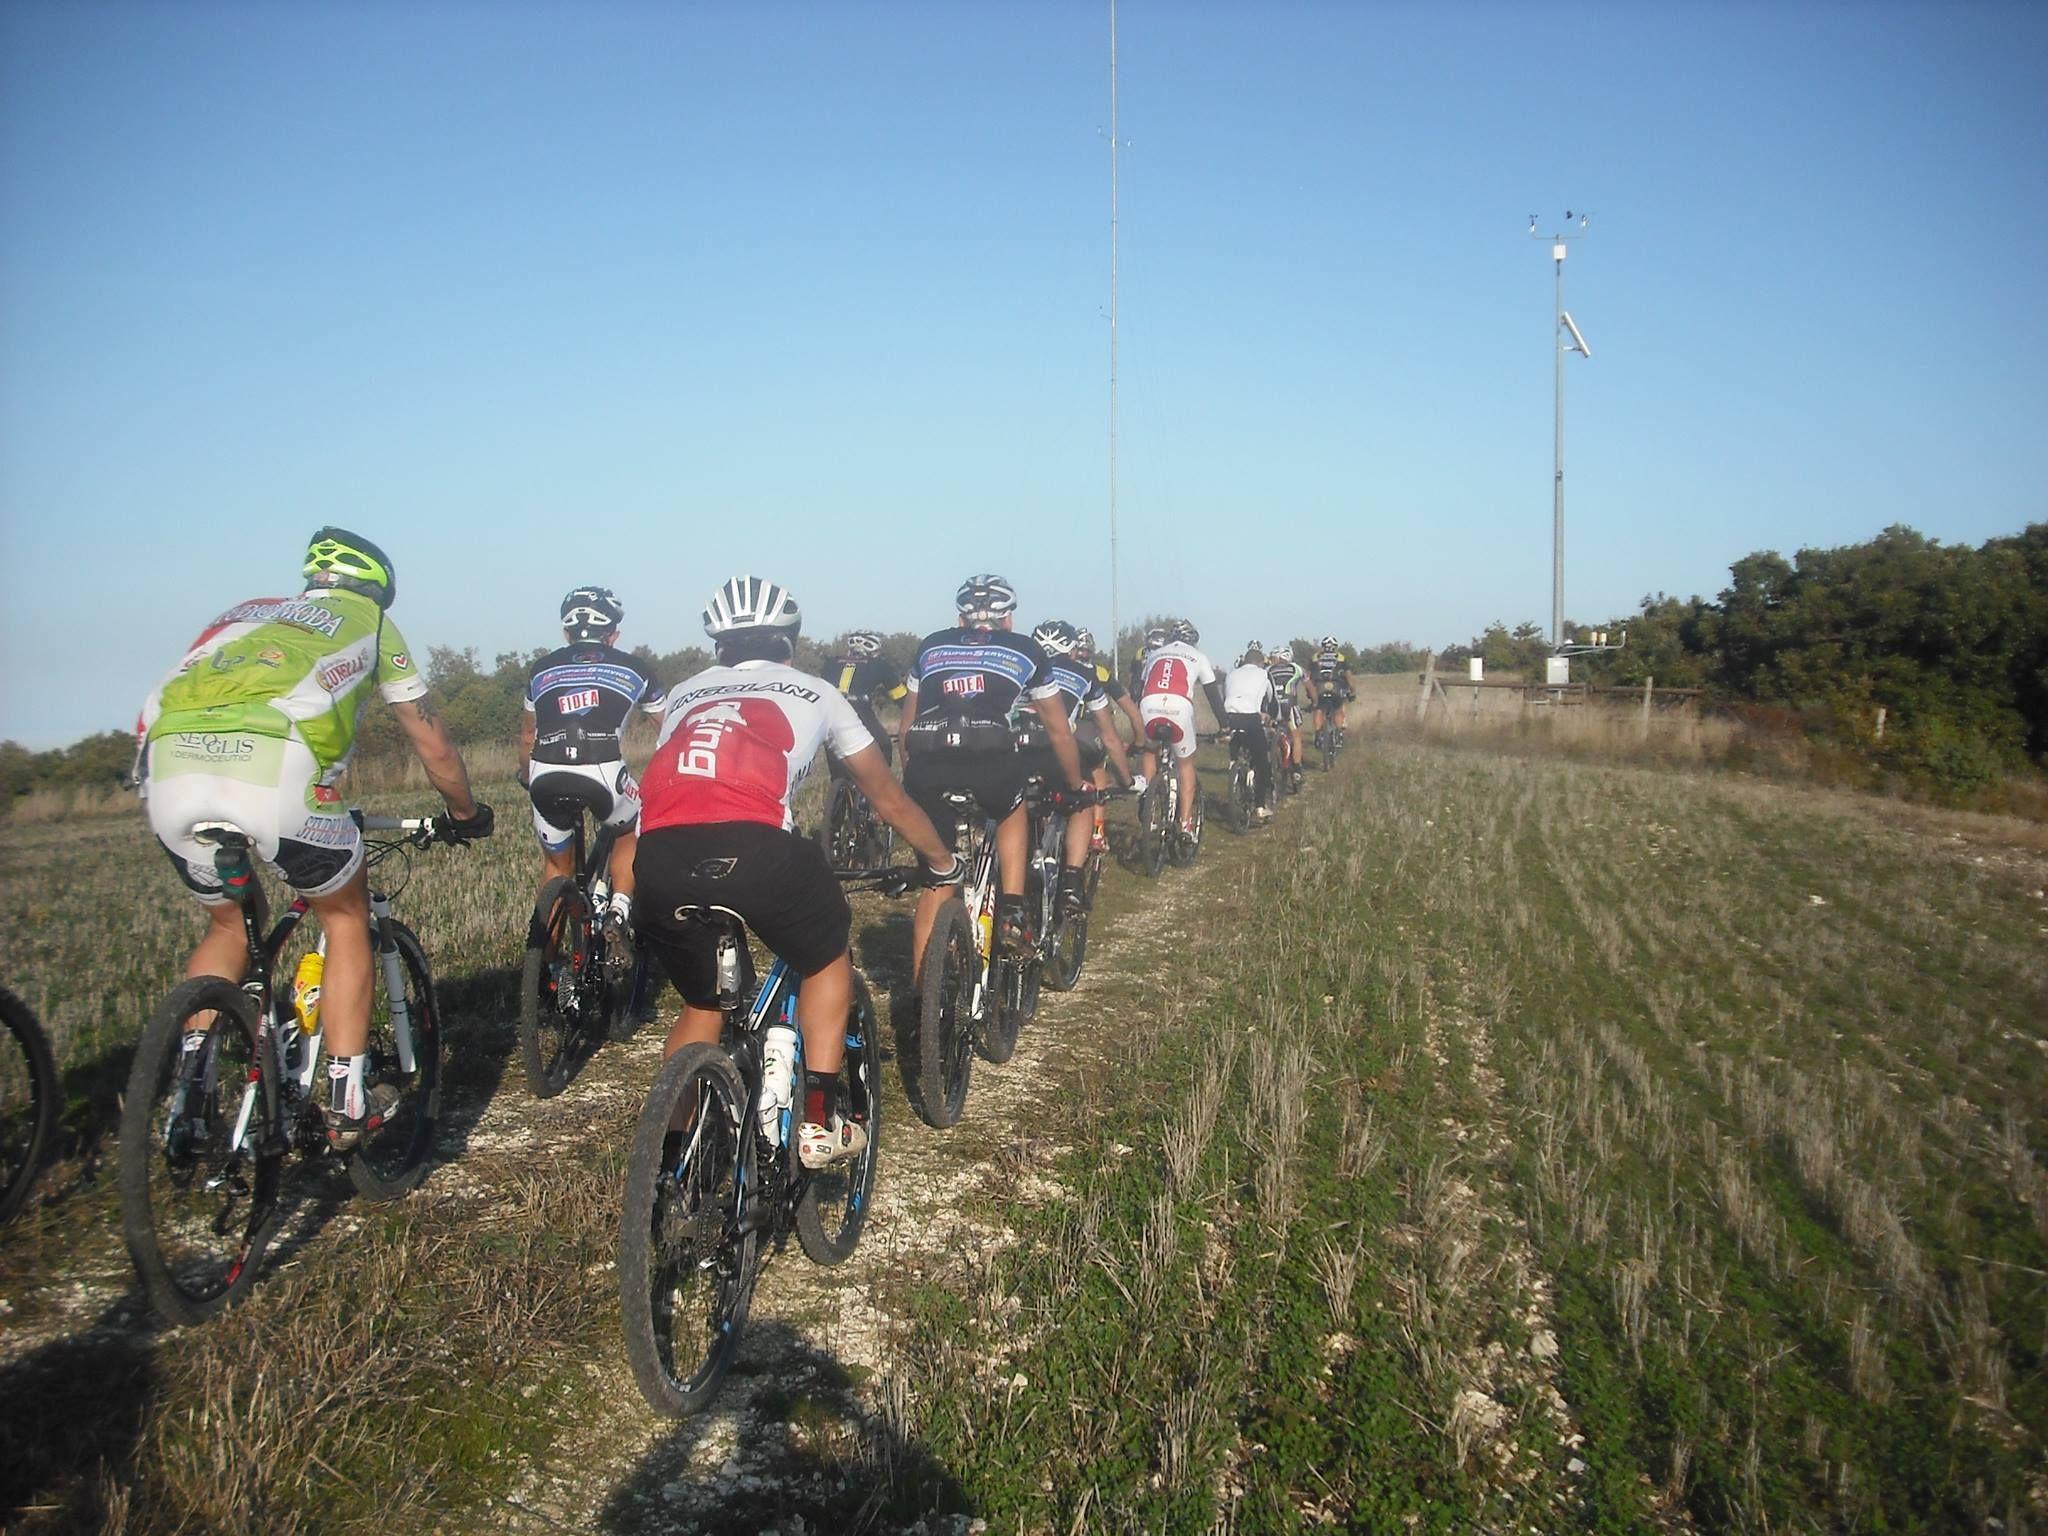 Merennuccia Bike a Cingoli in provincia di Macerata. Località Cima MastroLuca